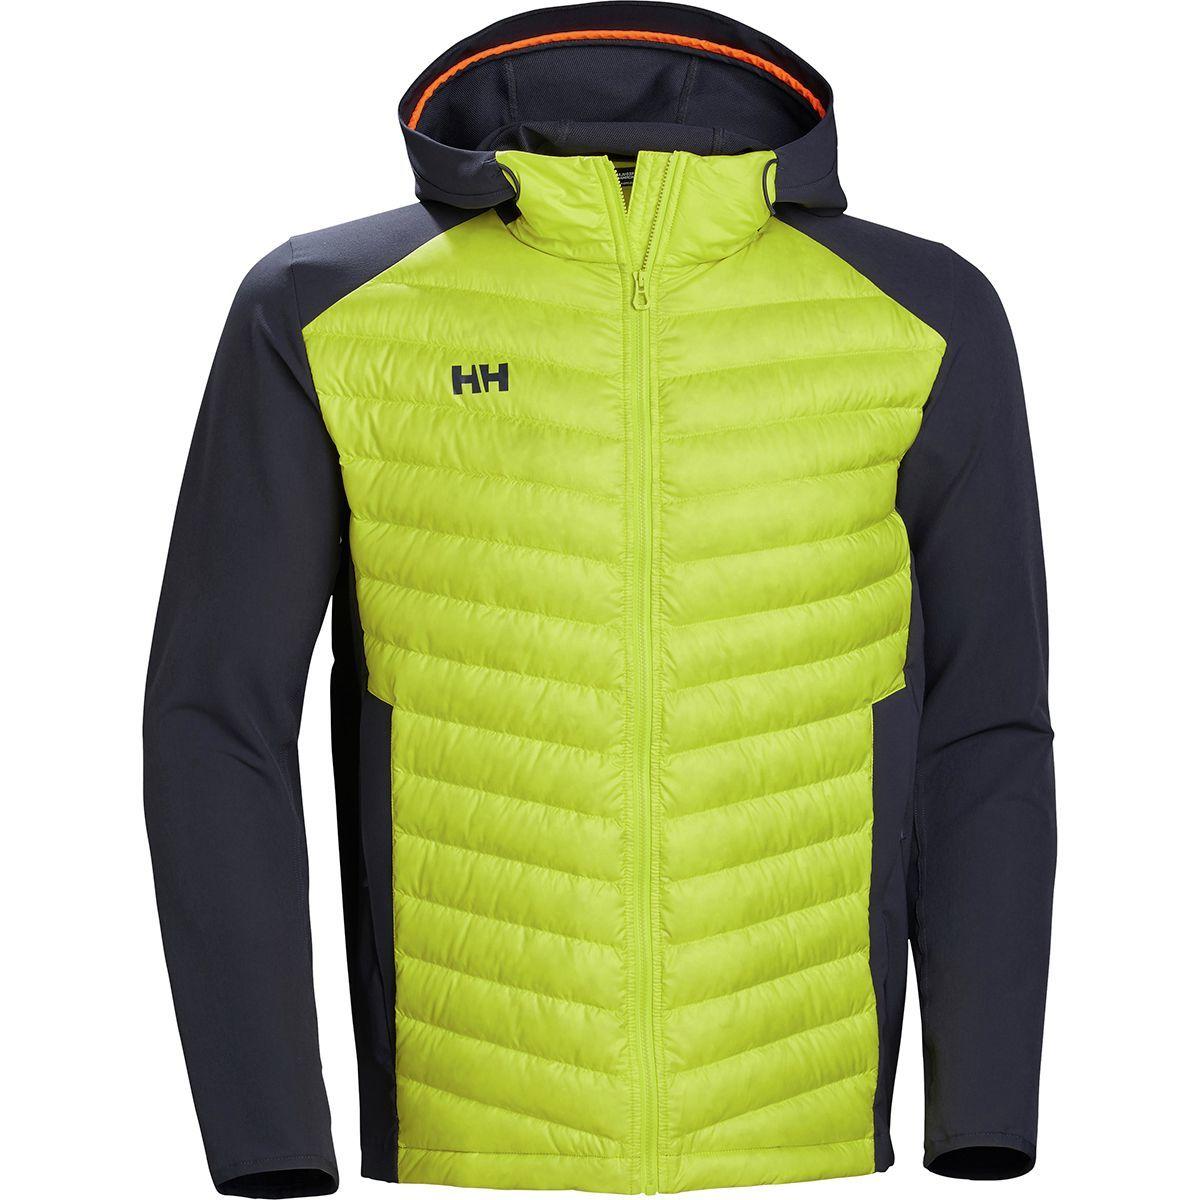 Helly Hansen Verglas Light Jacket - Men's